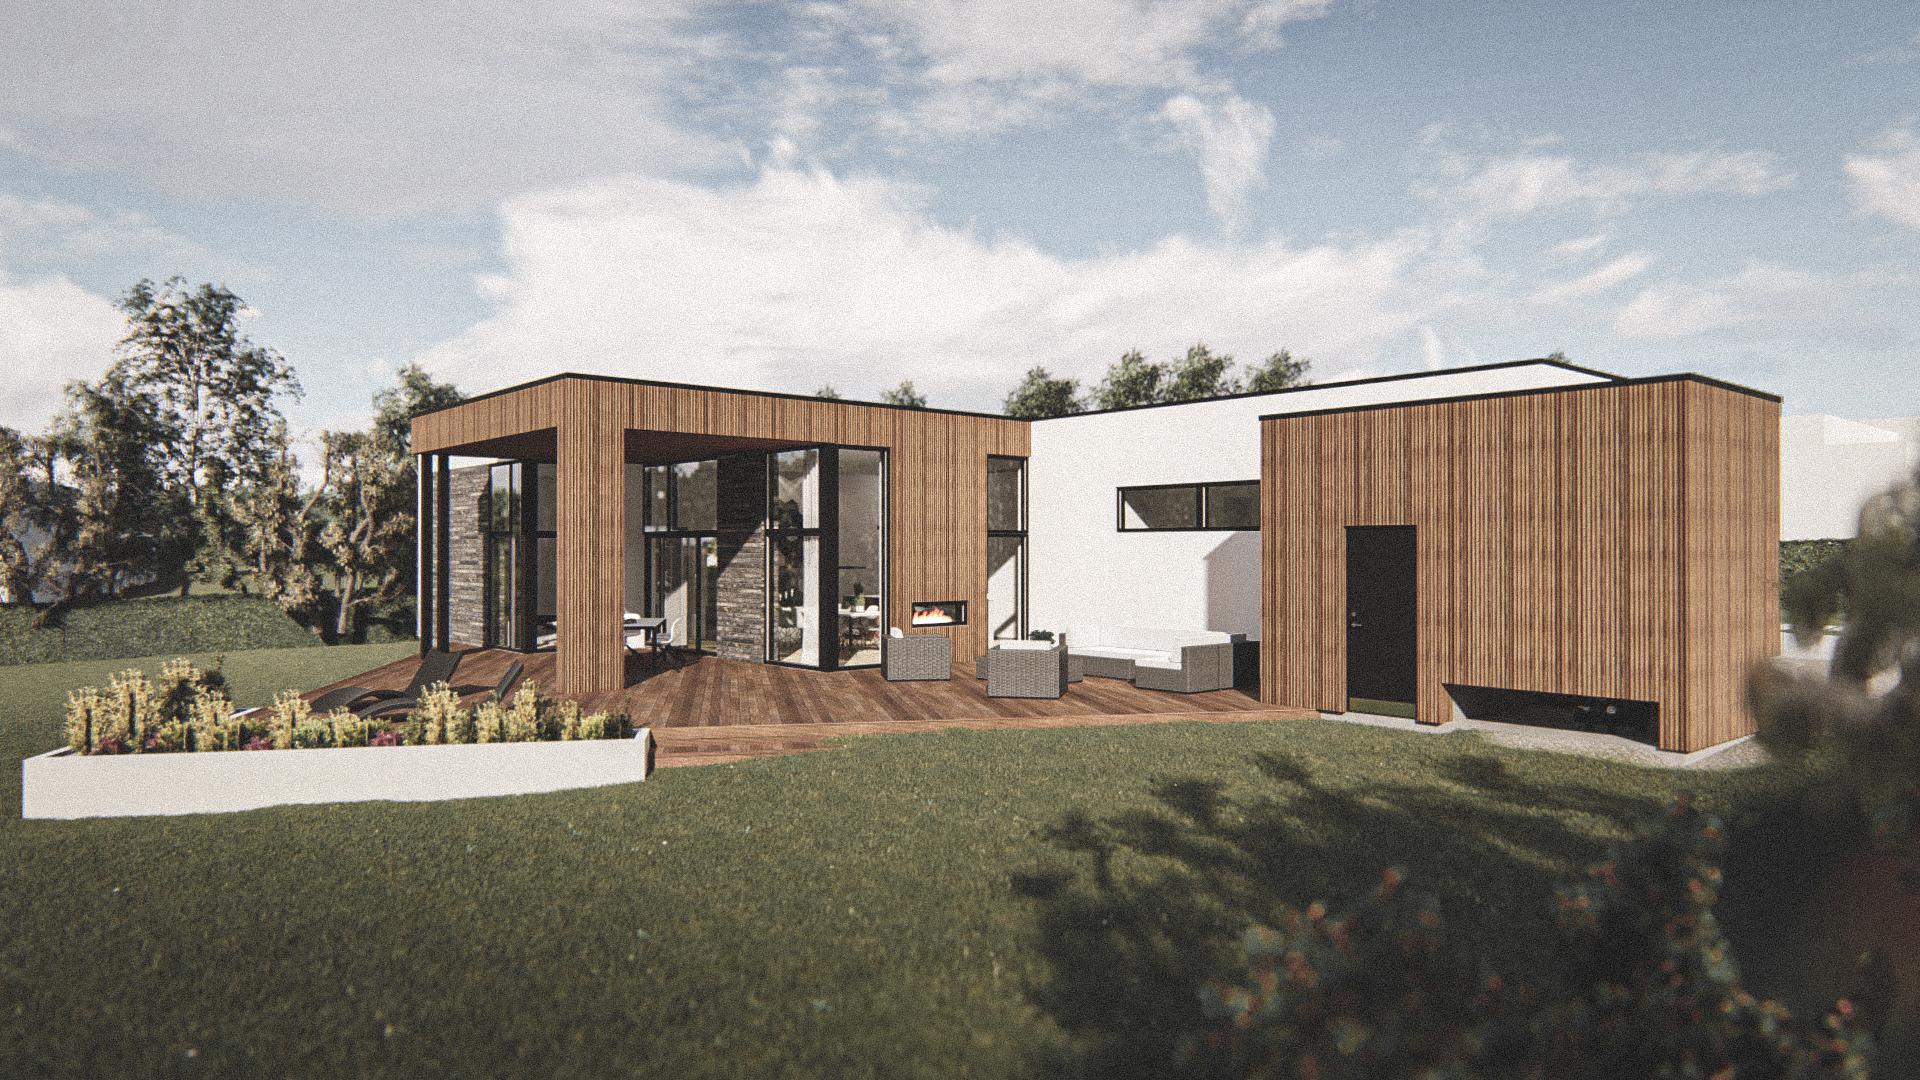 Billede af Dansk arkitekttegnet 1 plan villa af arkitektfirmaet m2plus, i Odder på 177 kvartratmeter.